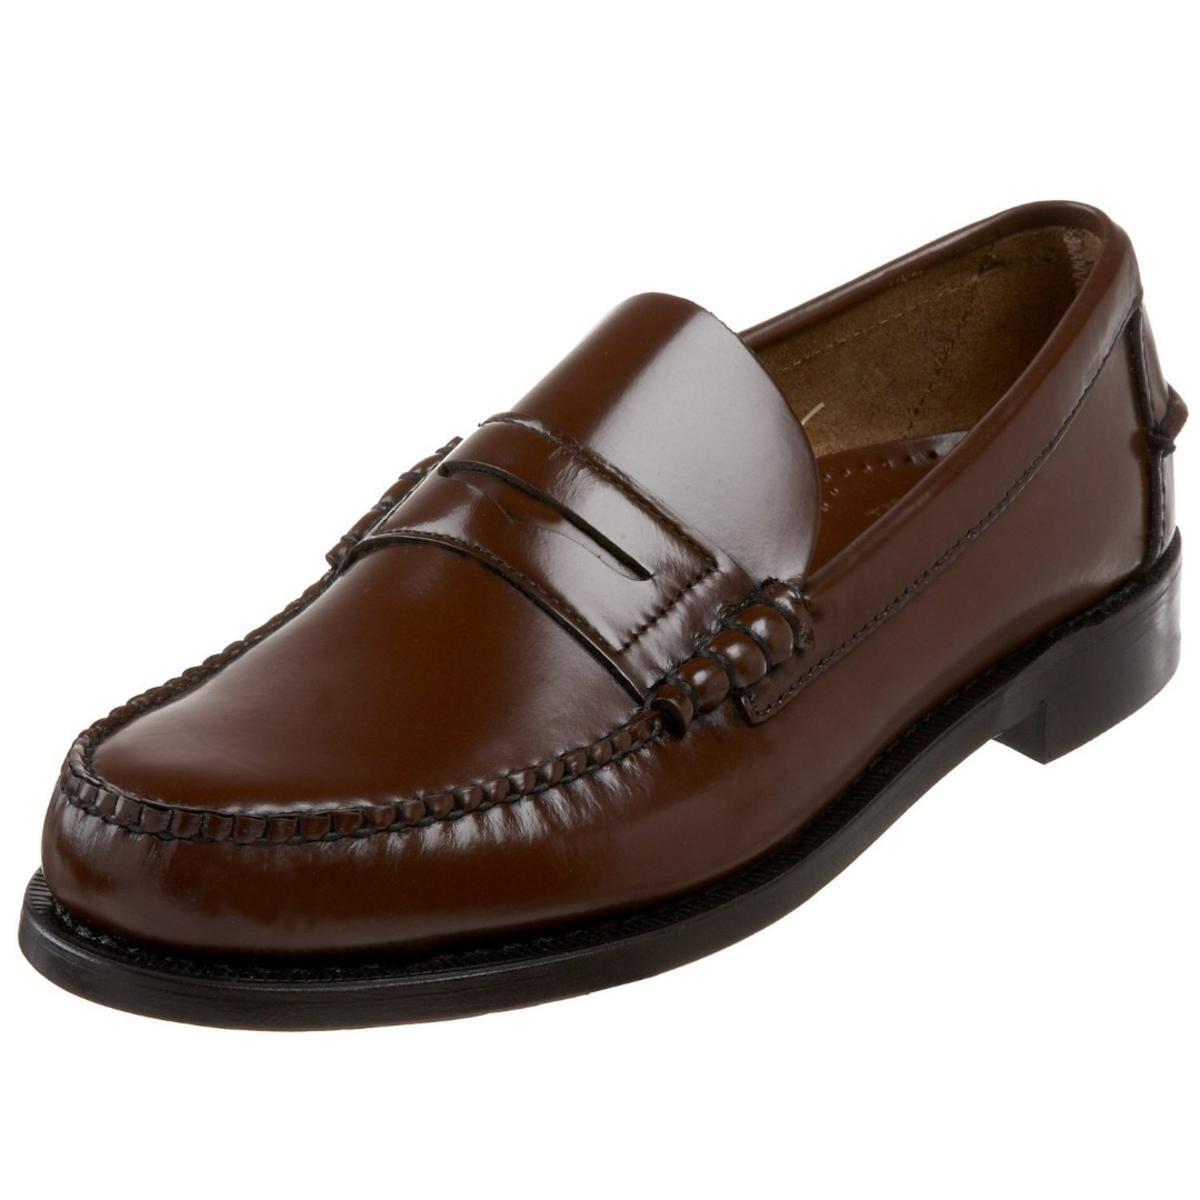 Sebago Mens Dress Shoes - Walmart.com